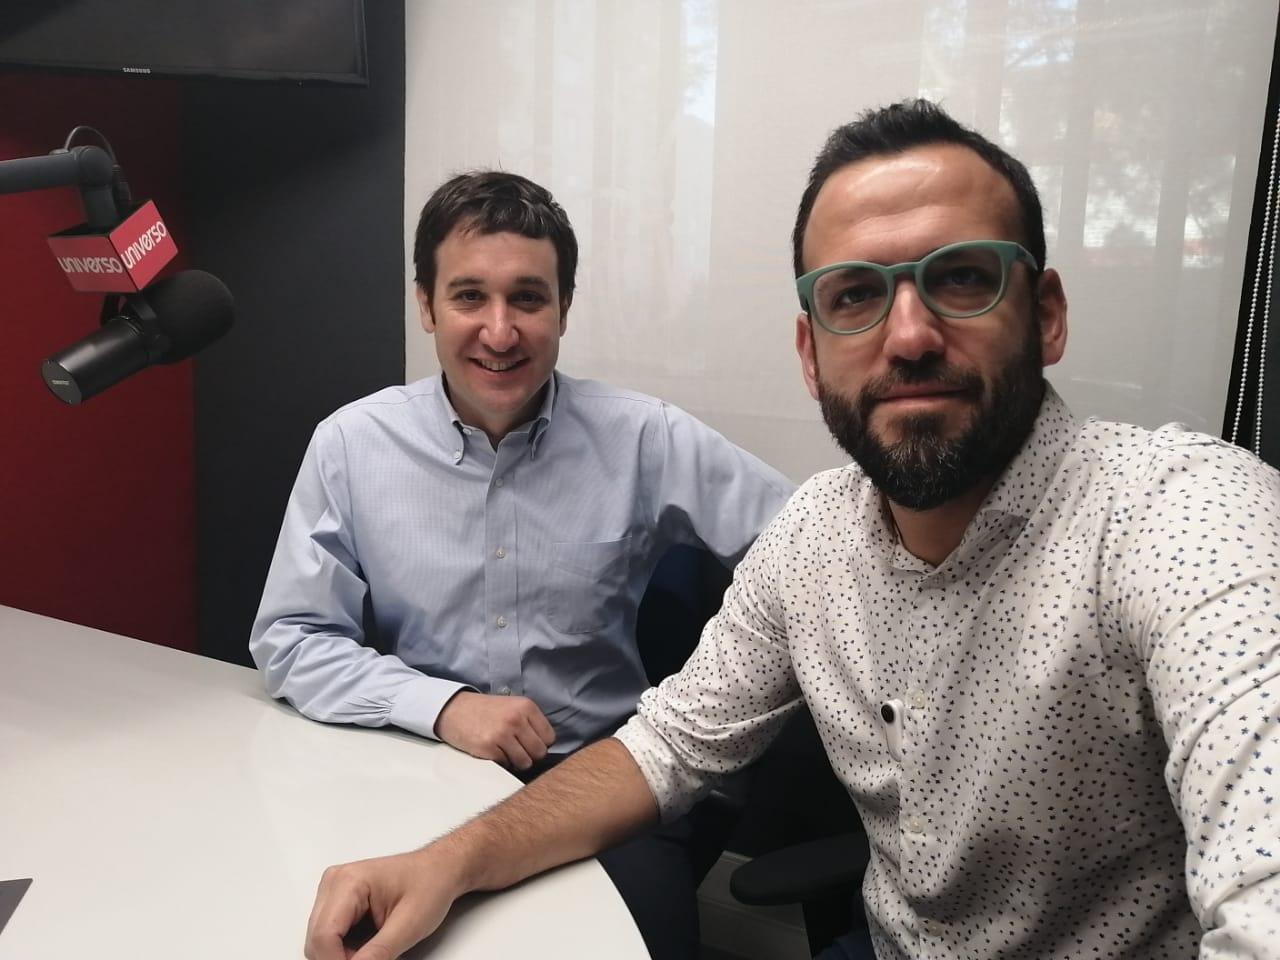 Diputados Vidal y Ramírez difieren sobre los beneficios que debe entregar el Estado para enfrentar la crisis económica